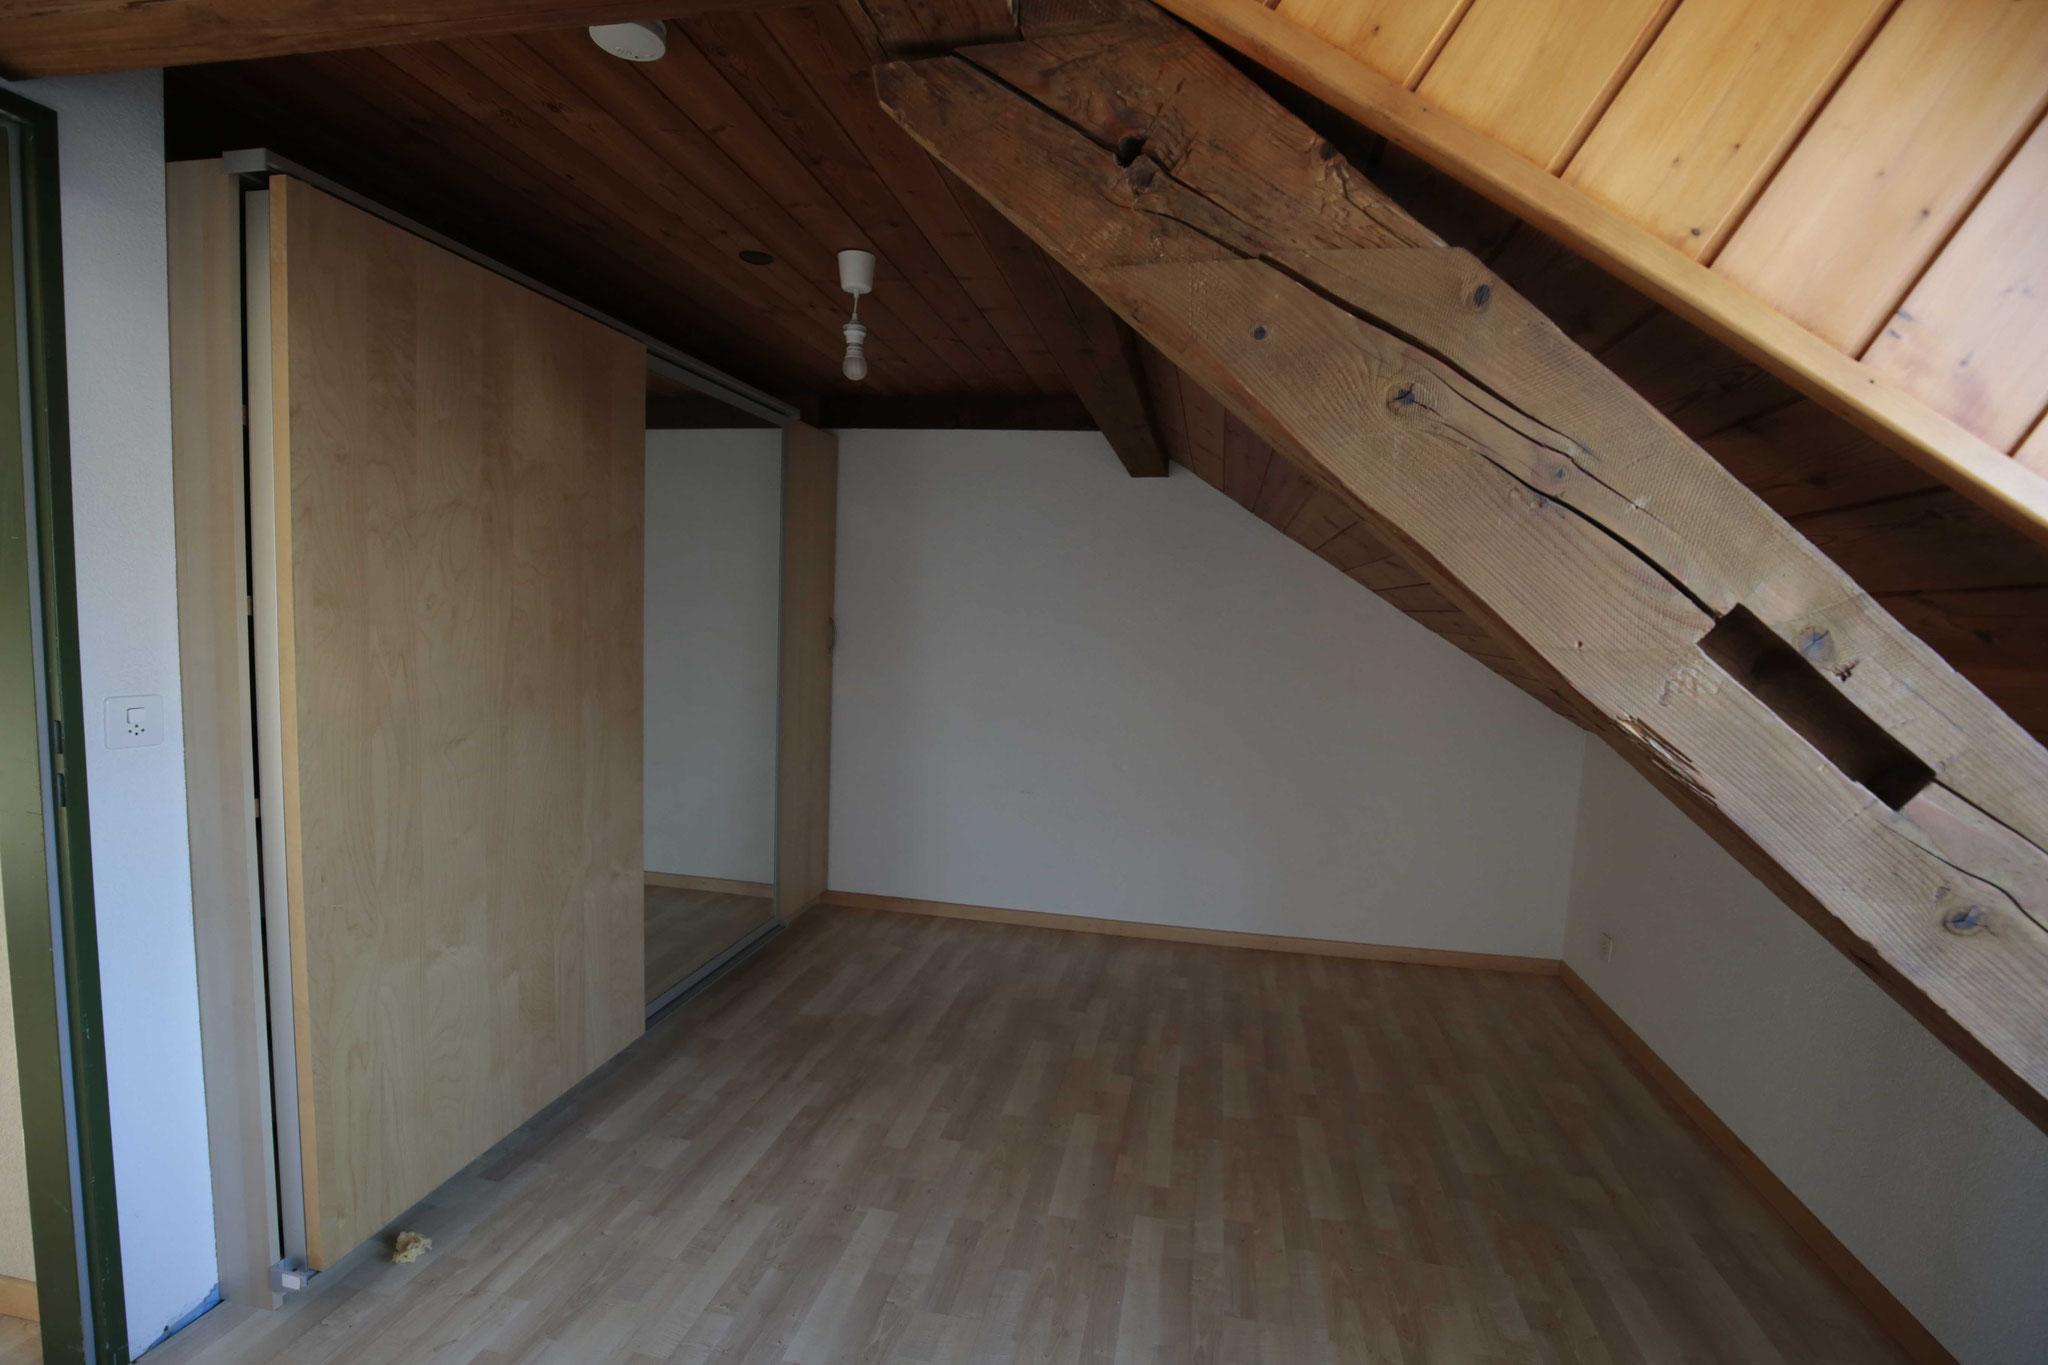 Schlafzimmer ebenfalls mit abgeschrägter Decke